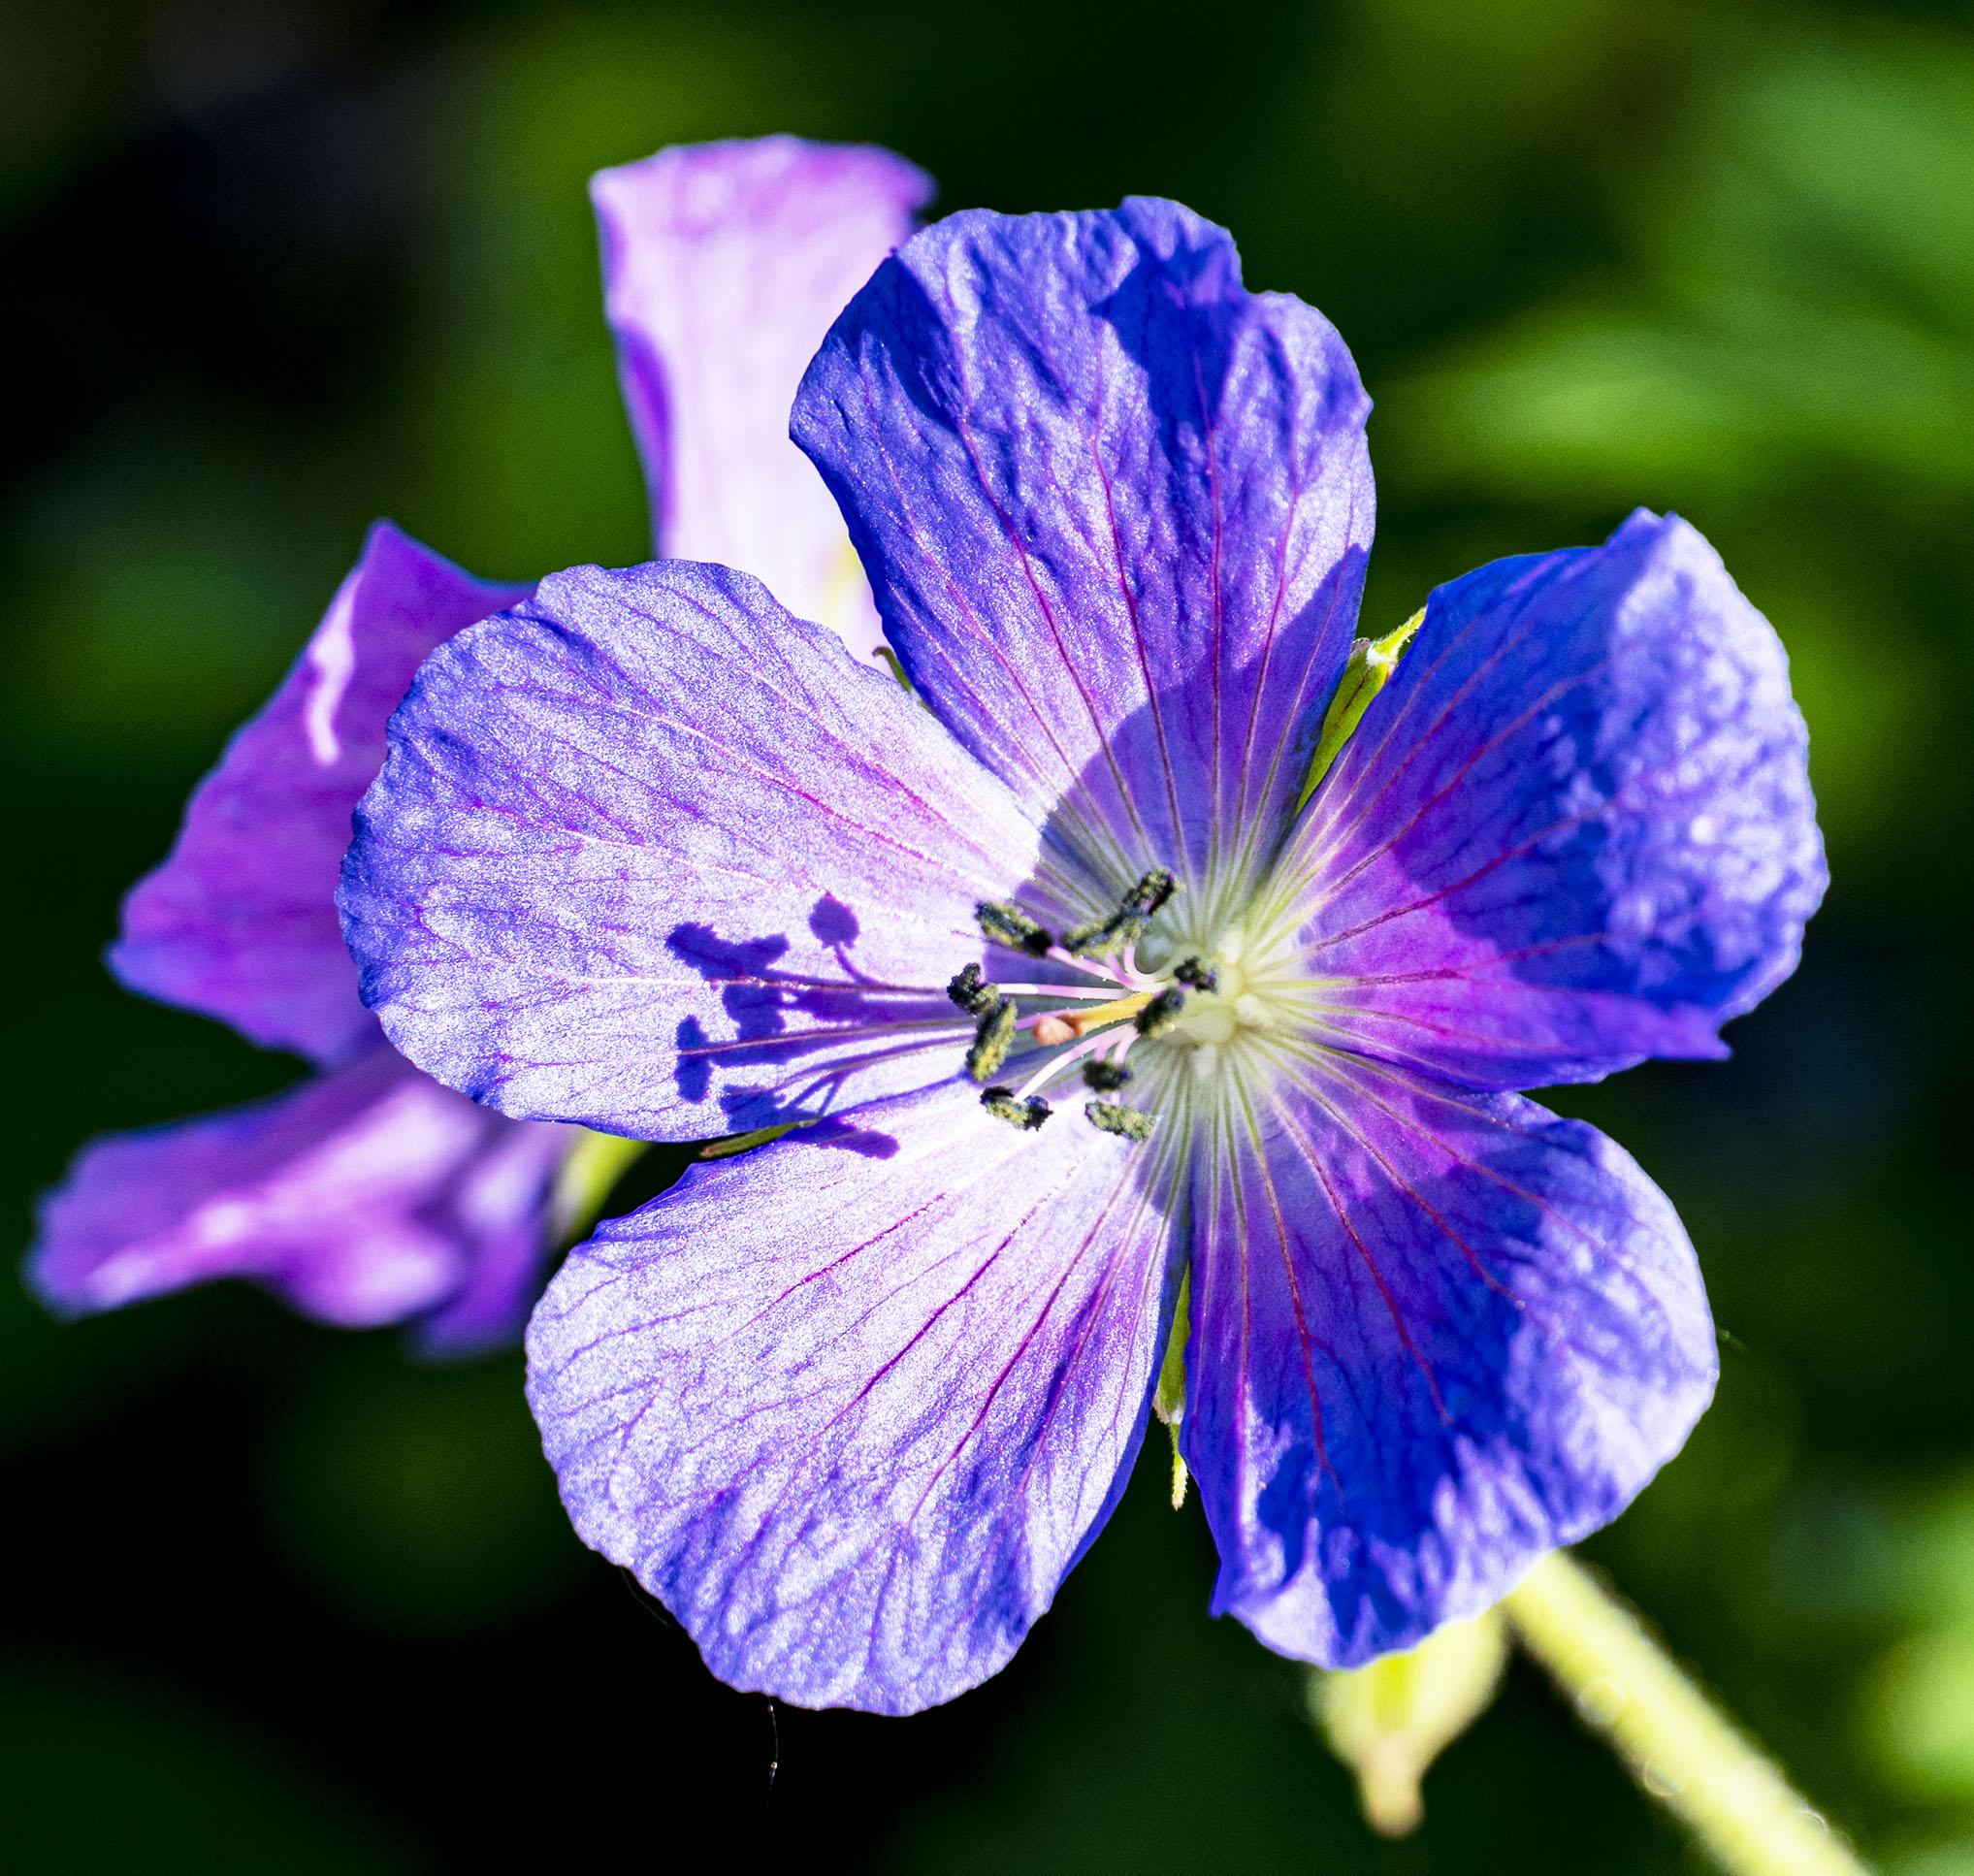 Little Blue Flower 1 copy